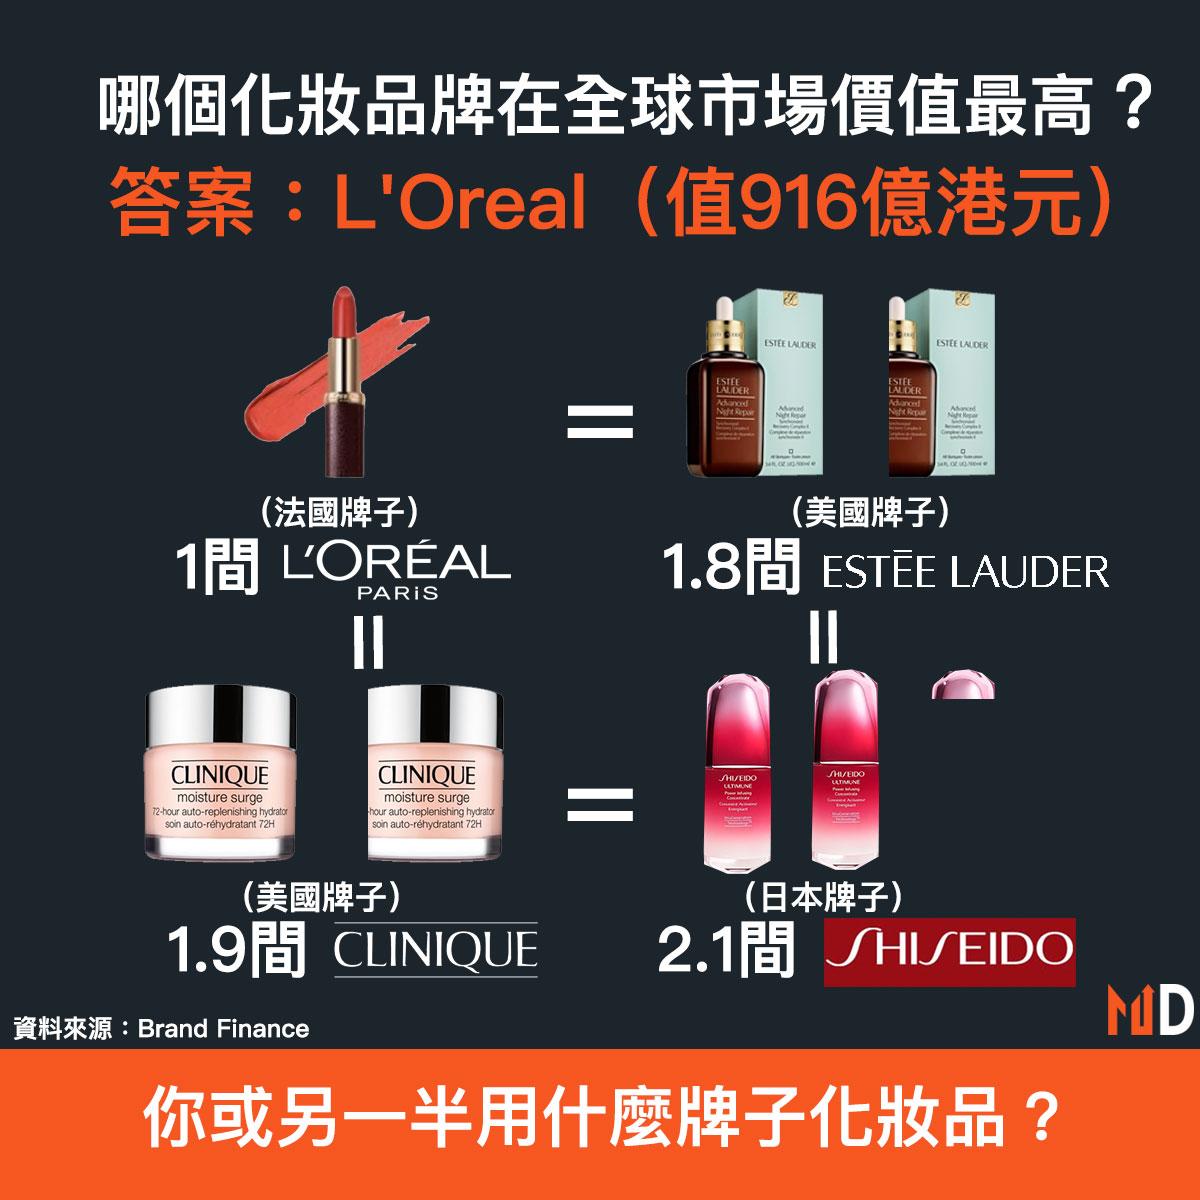 多個化妝品牌在全球市場大受歡迎